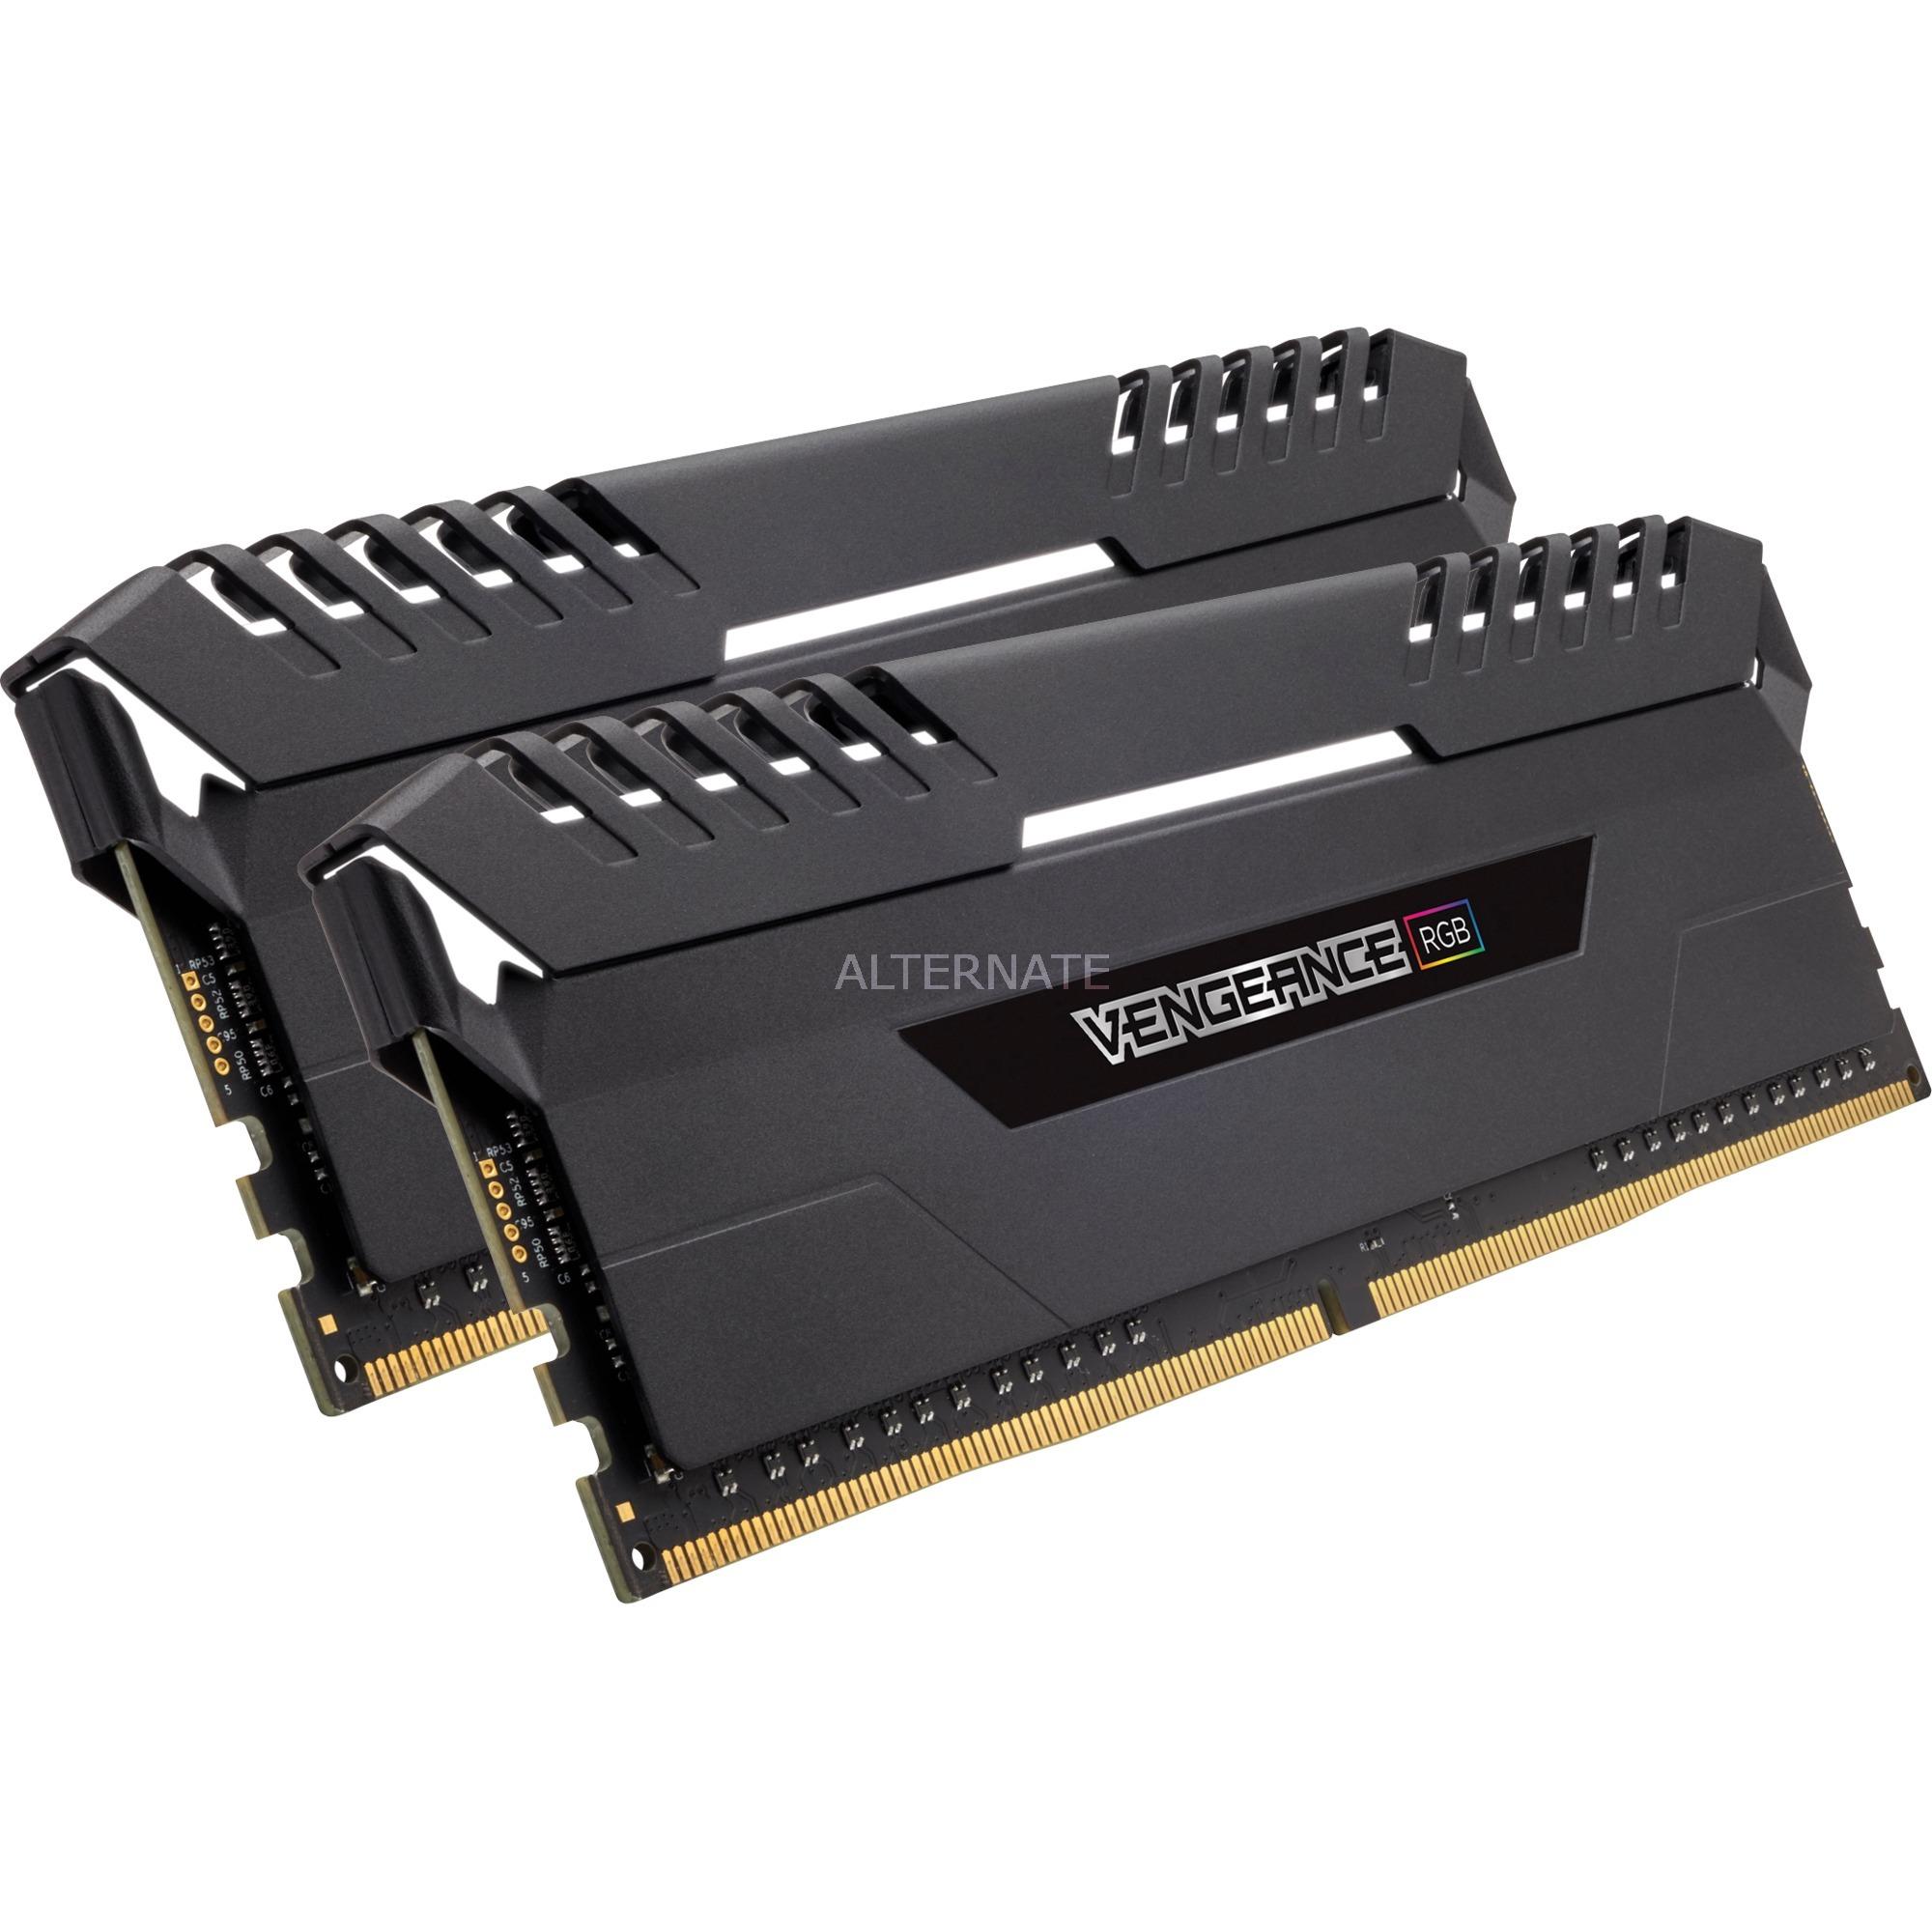 Vengeance 16GB, 3000MHz, DDR4 16Go DDR4 3000MHz module de mémoire